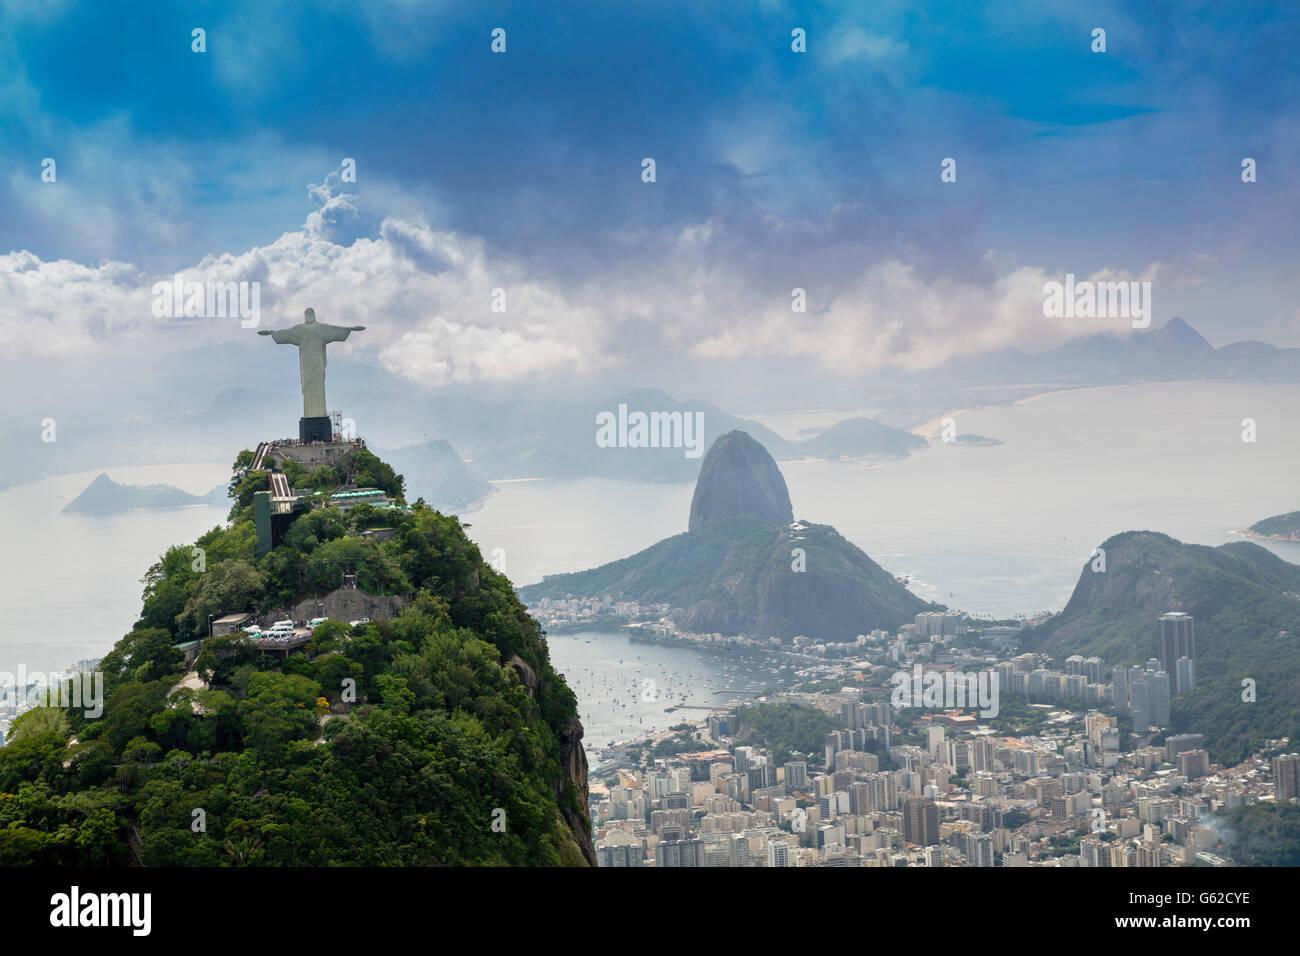 Patrimonio Mundial de la UNESCO el paisaje de Río de Janeiro, con el Cristo Redentor (Cristo Redentor) estatua Imagen De Stock